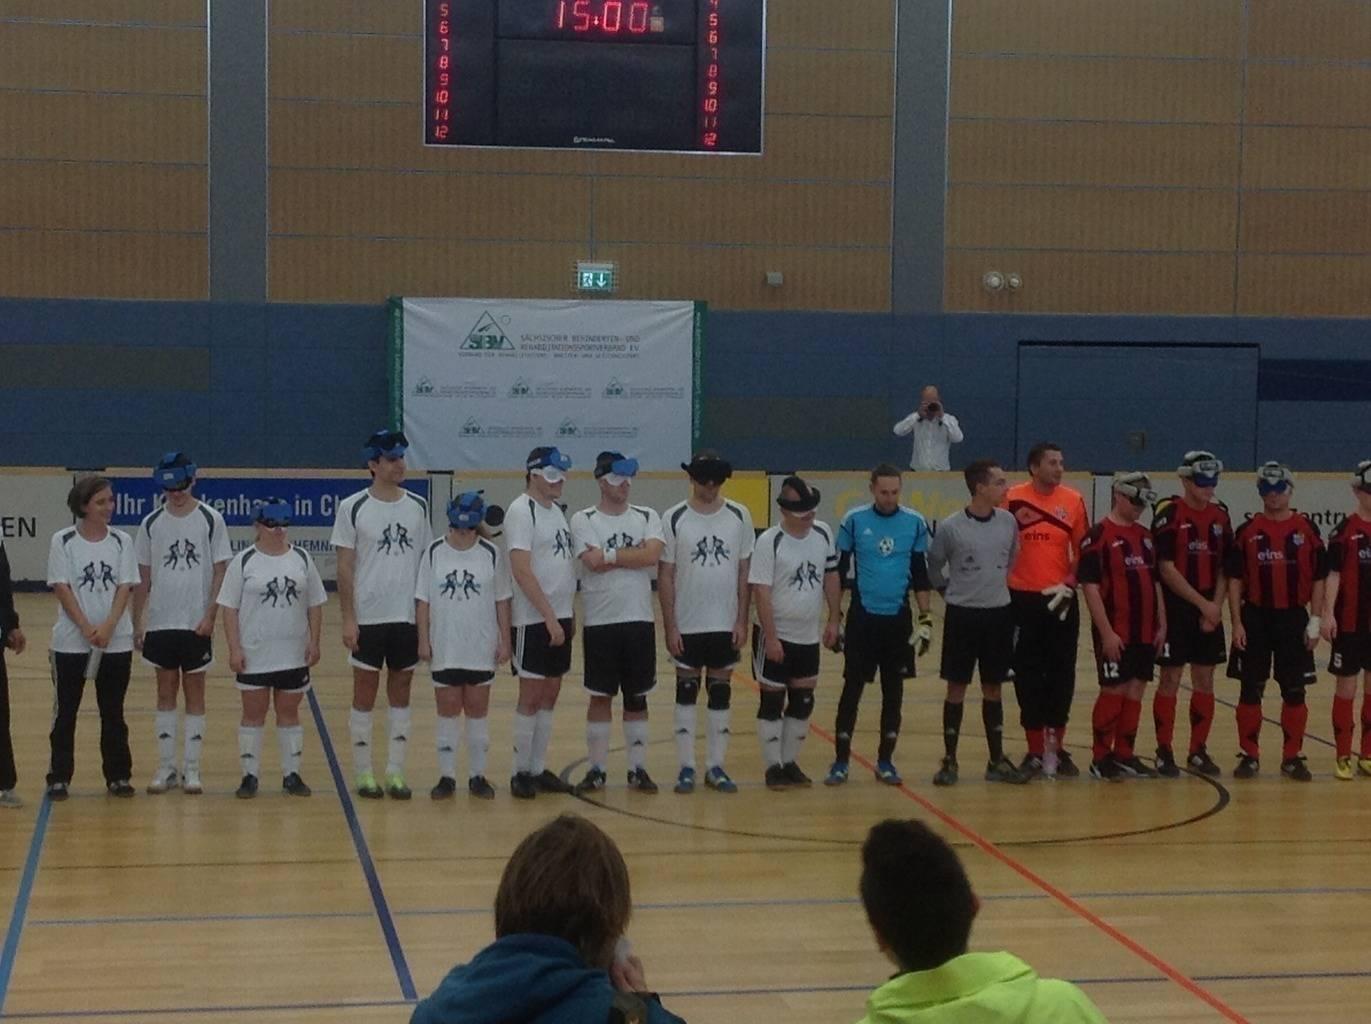 Avoy Brno vs CFC Chemnitz mit Patrick als Schiri vor dem Spiel (Foto: Gundula Redecke)